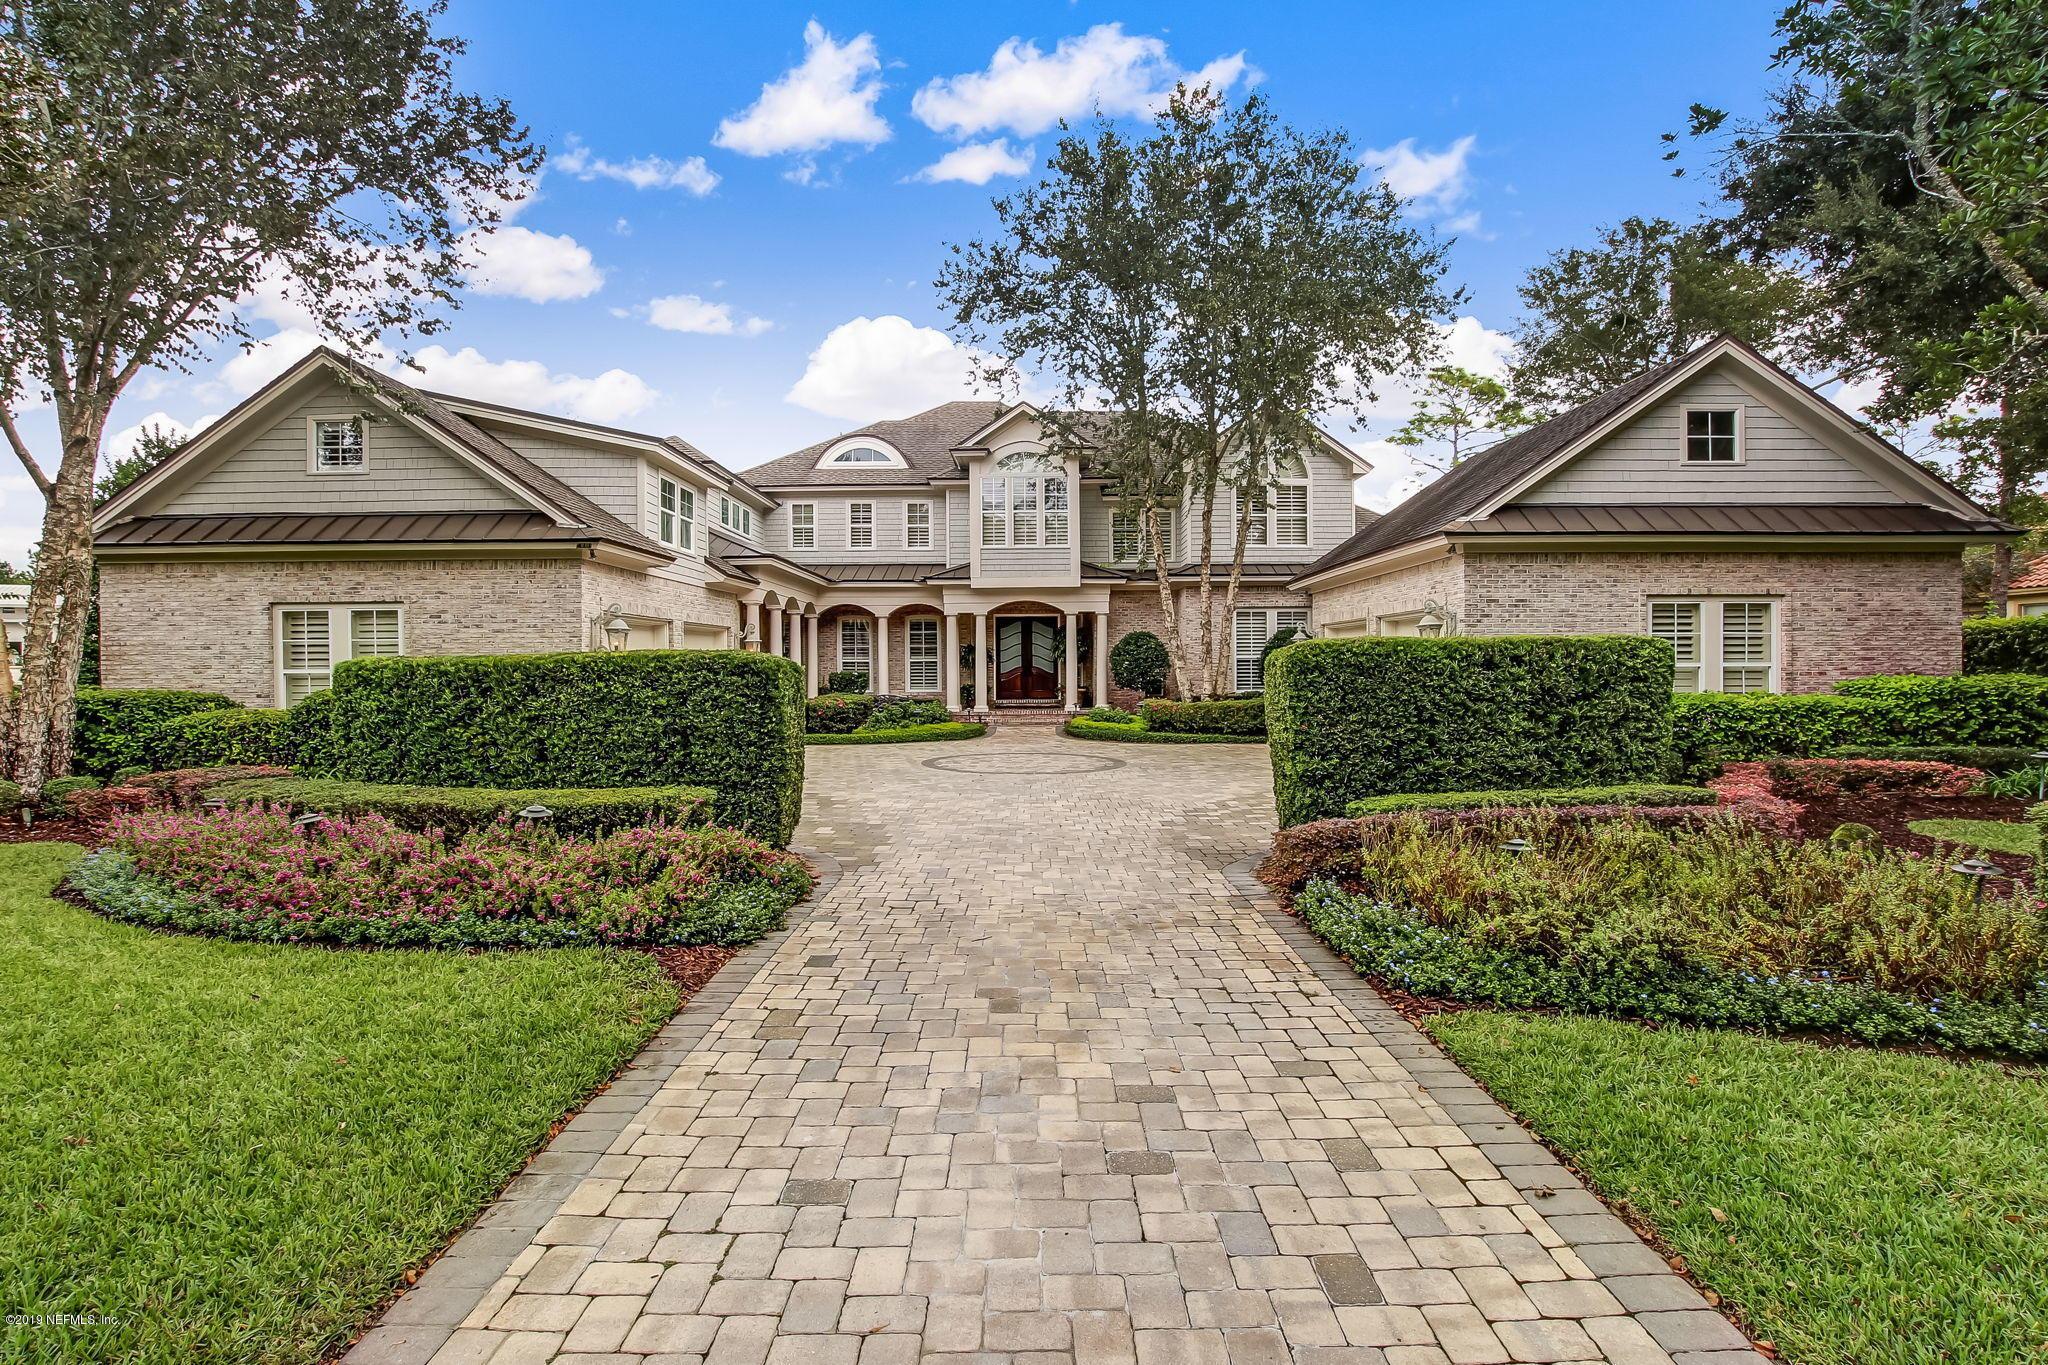 4411 GLEN KERNAN, JACKSONVILLE, FLORIDA 32224, 5 Bedrooms Bedrooms, ,5 BathroomsBathrooms,For sale,GLEN KERNAN,1022515